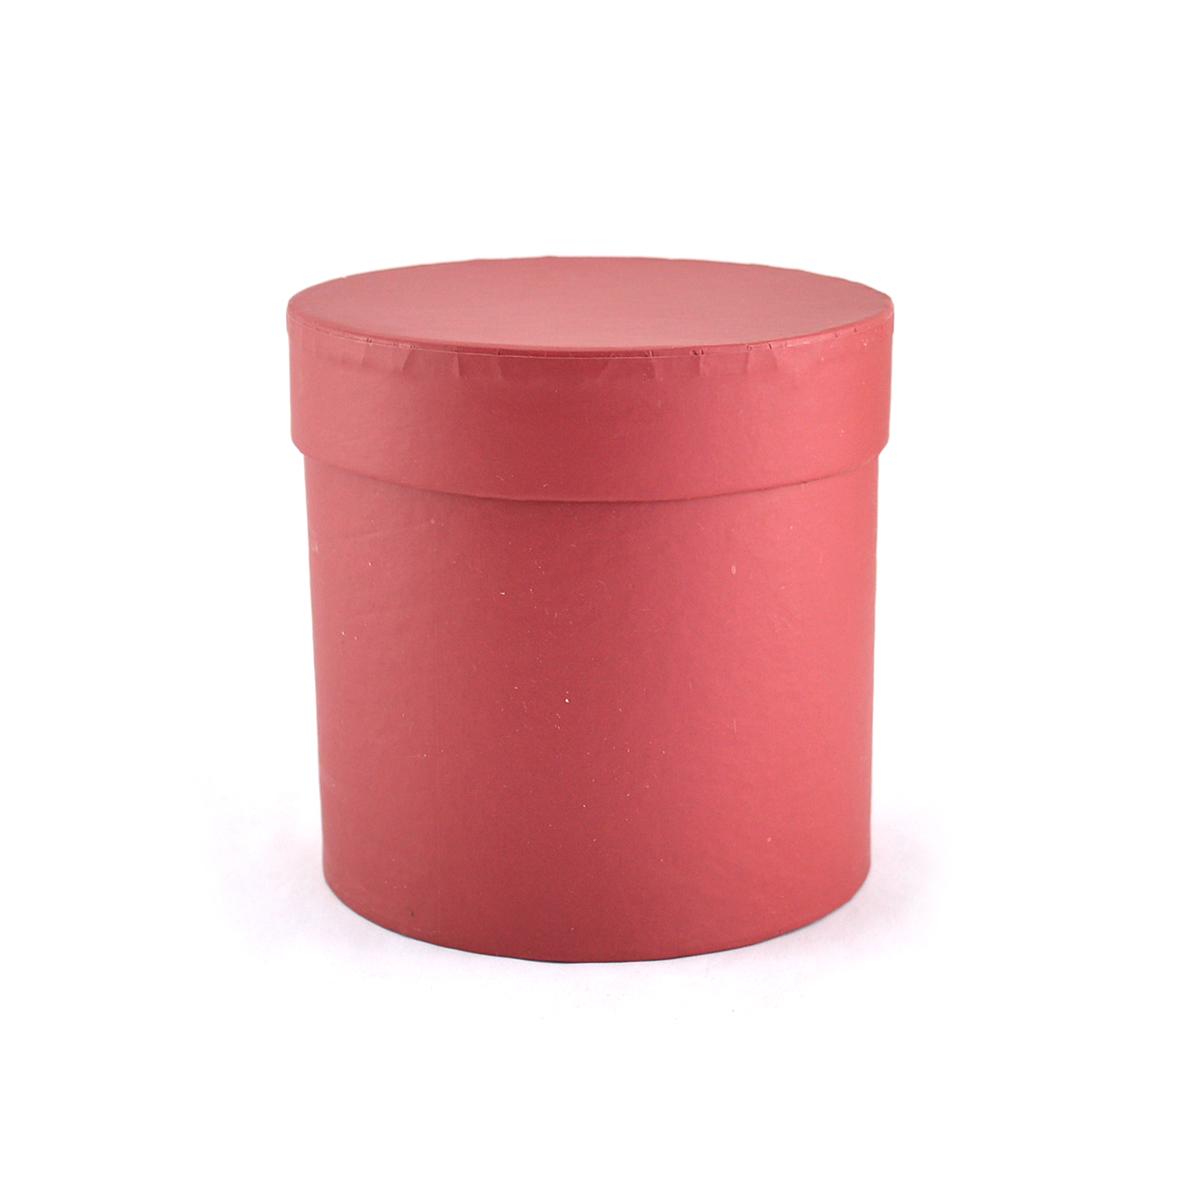 Cutie cilindrica fara manere neinscriptionata rosu inchis